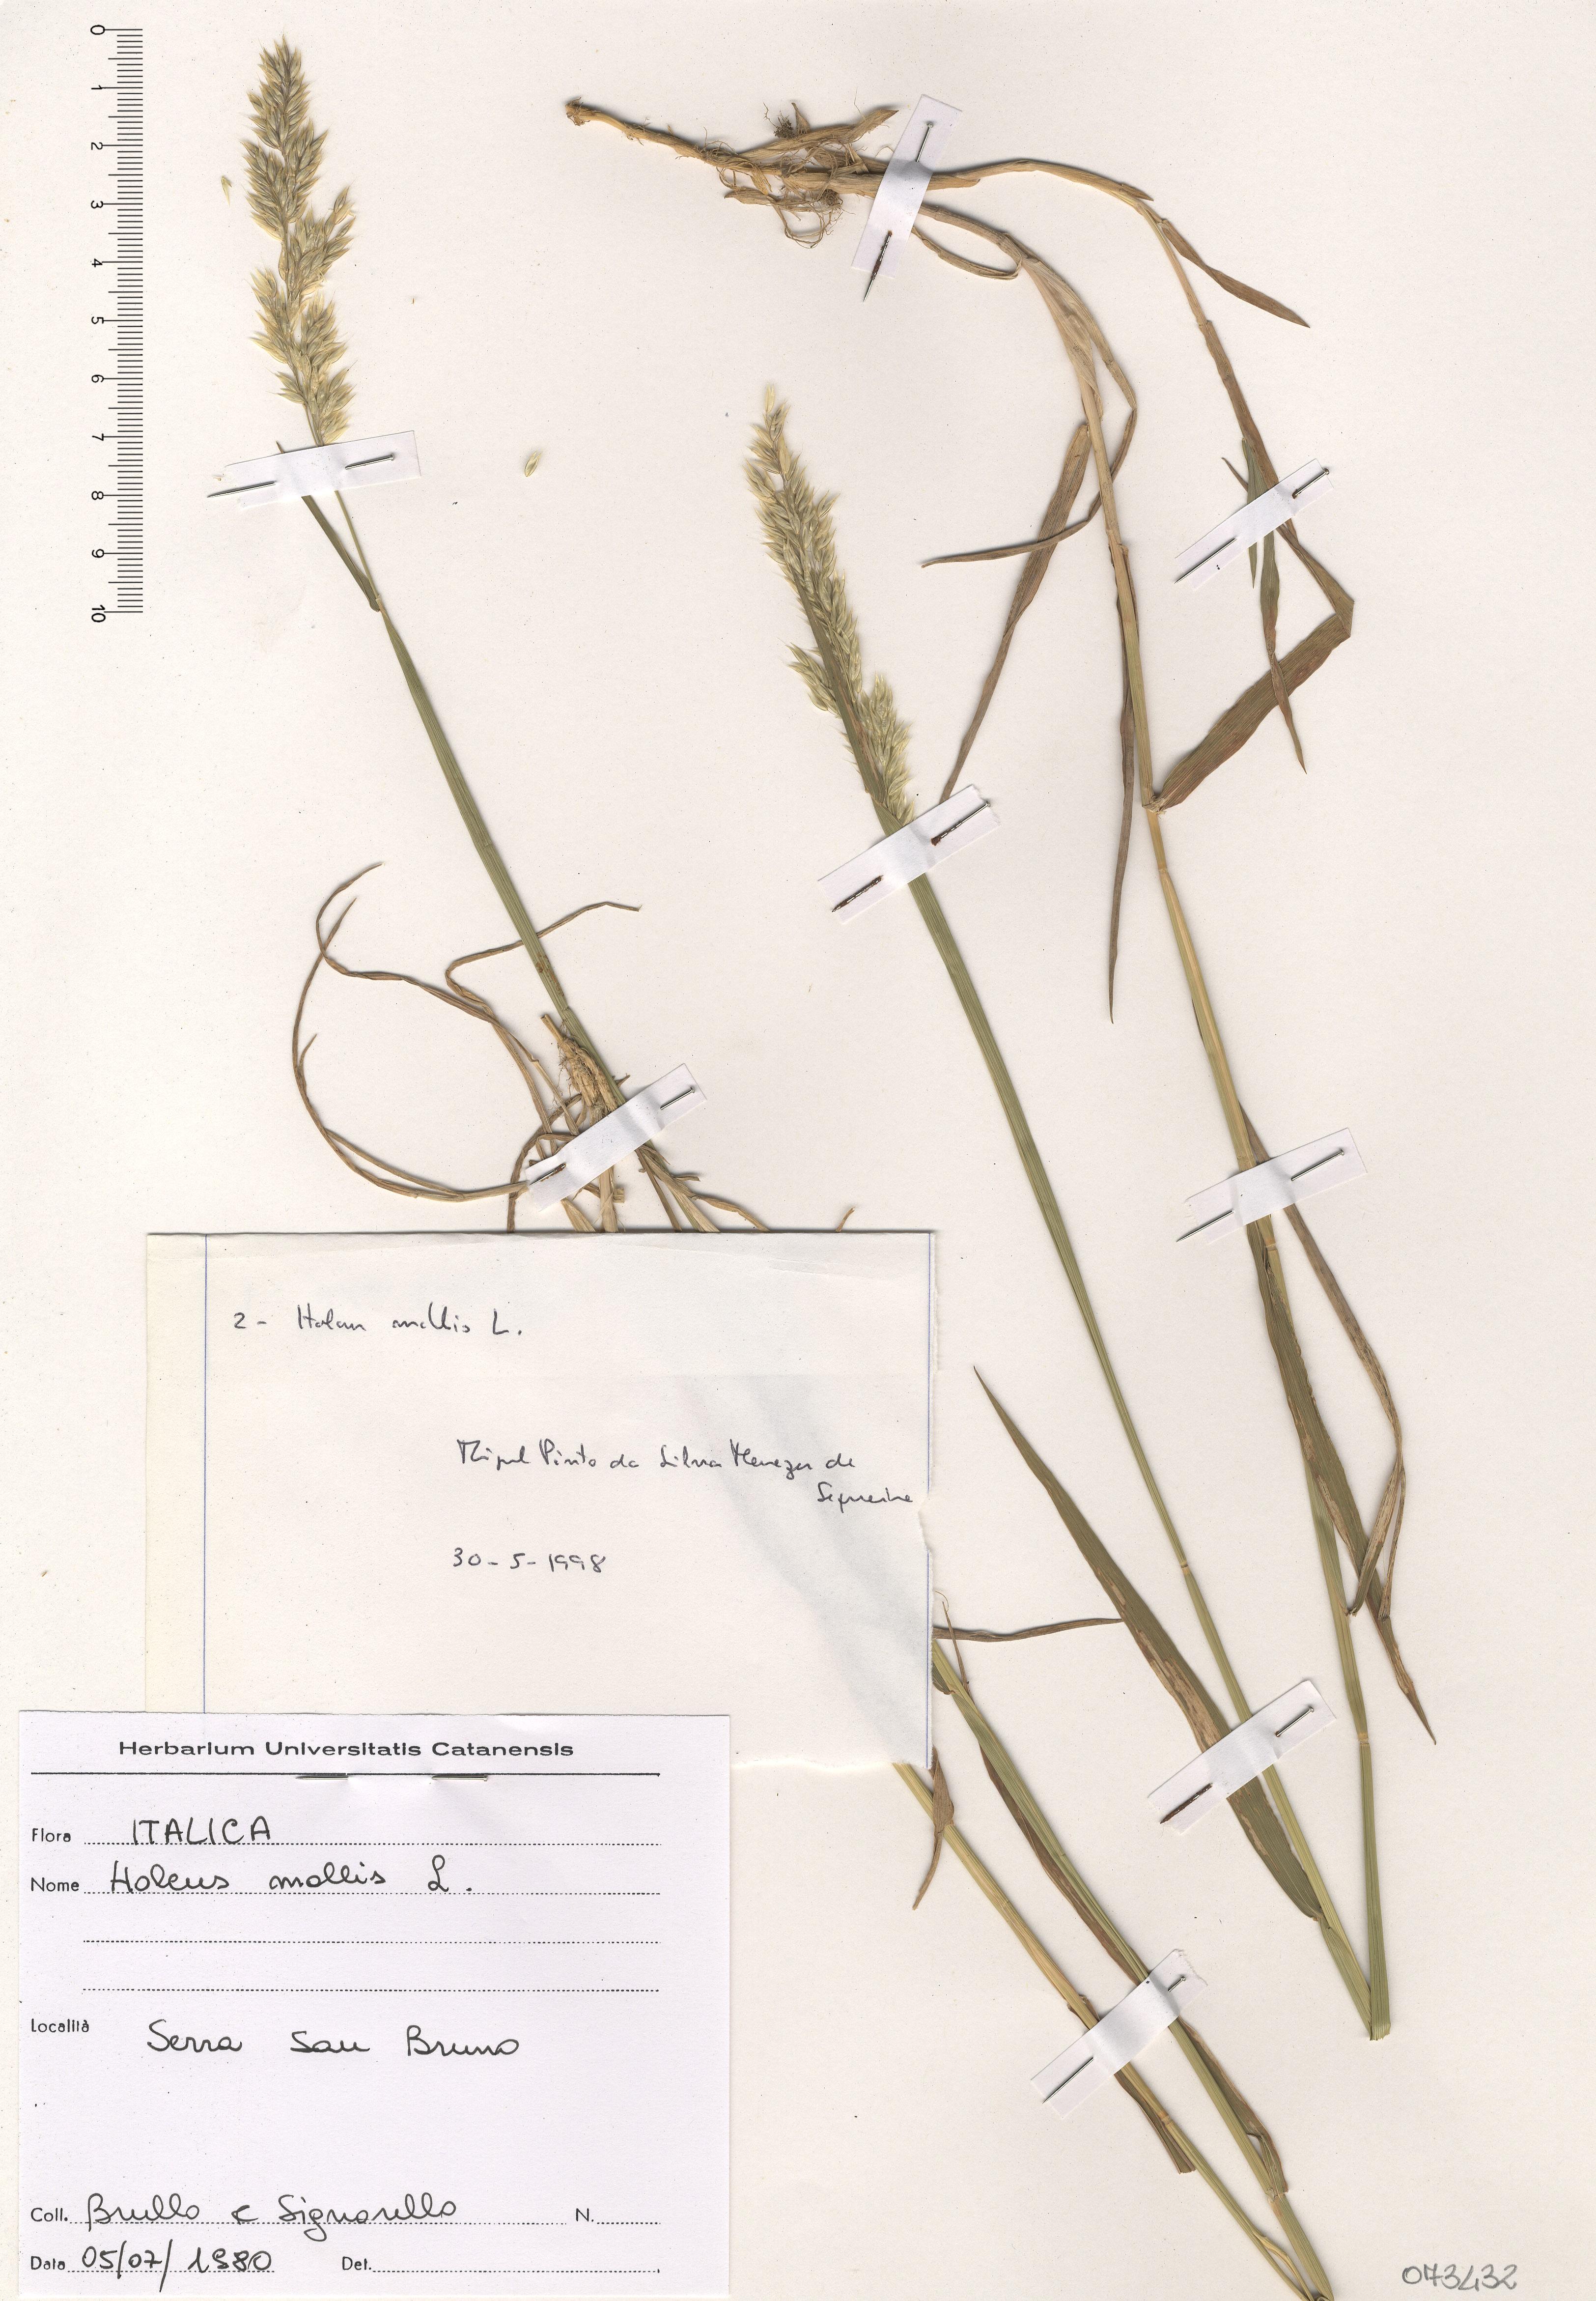 © Hortus Botanicus Catinensis - Herb. sheet 073432<br>